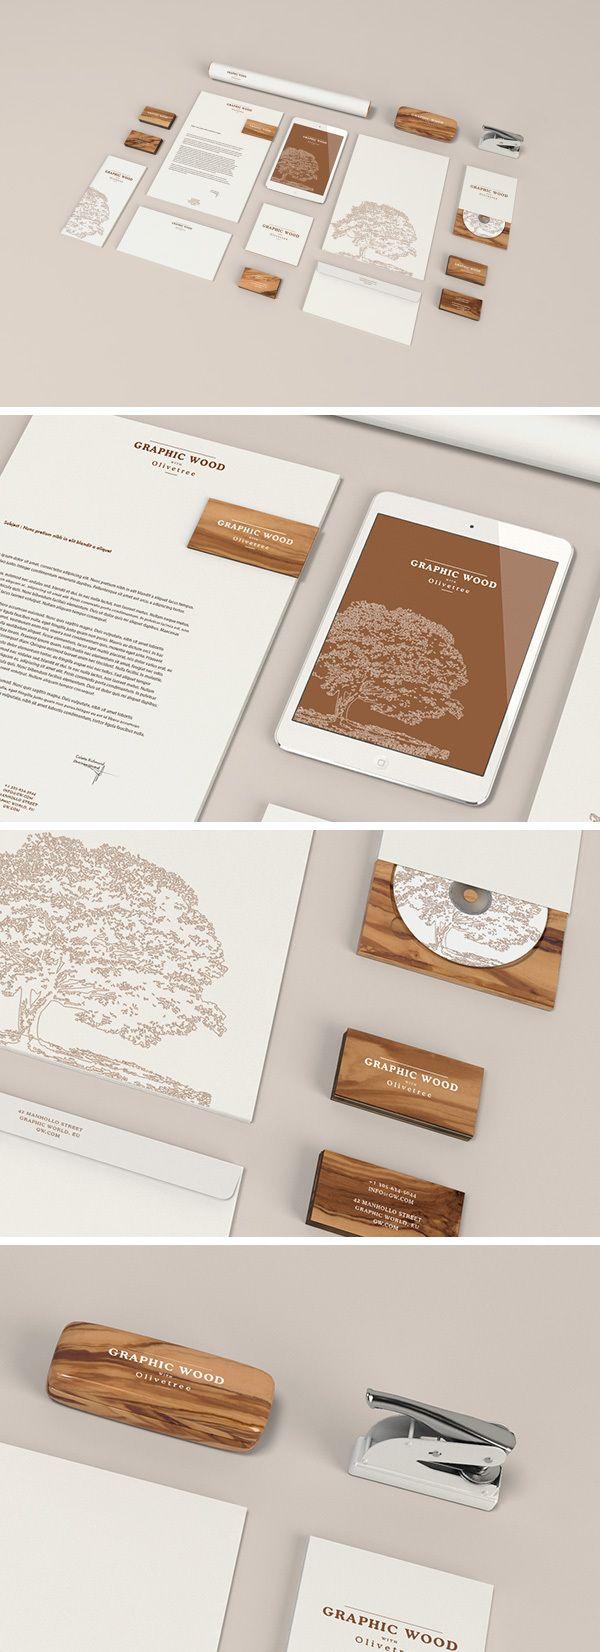 Mockup para imagen corporativa en madera